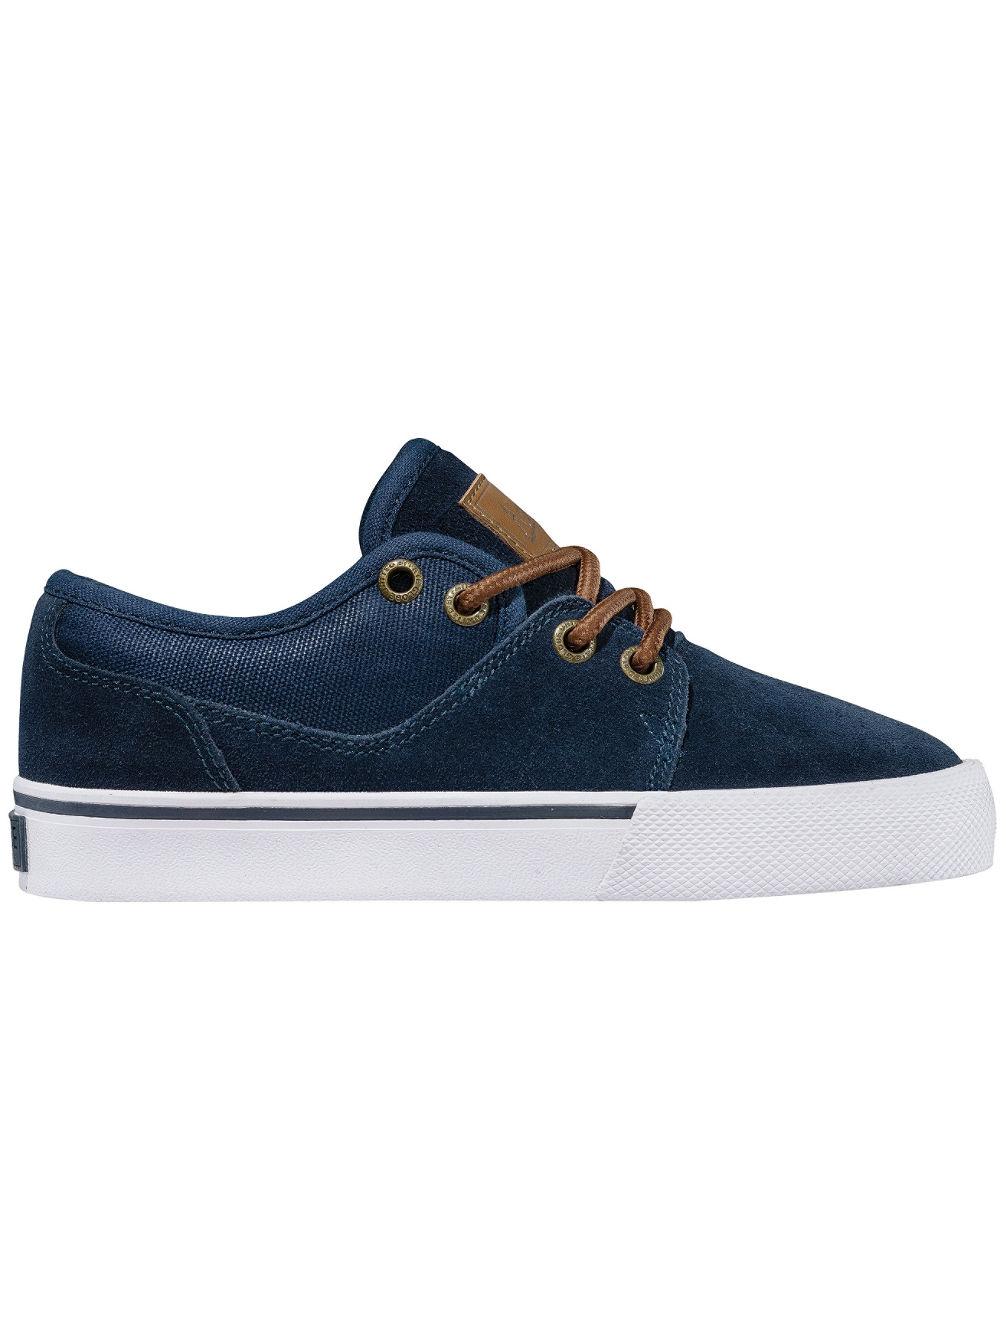 globe-mahalo-sneakers-boys